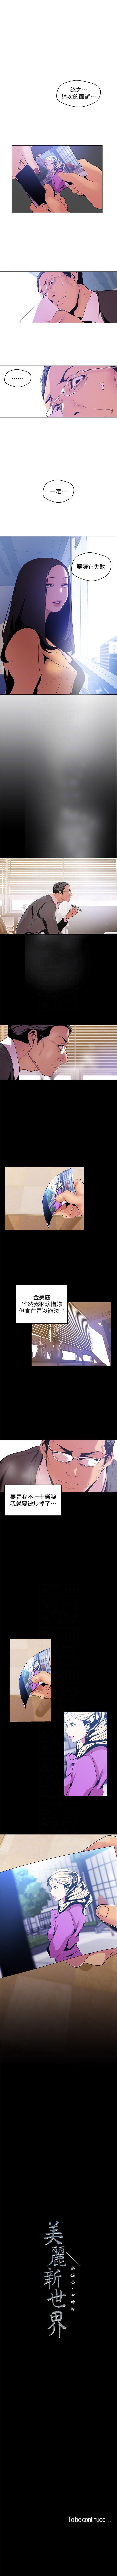 (周6)美丽新世界 1-61 中文翻译 (更新中) 437